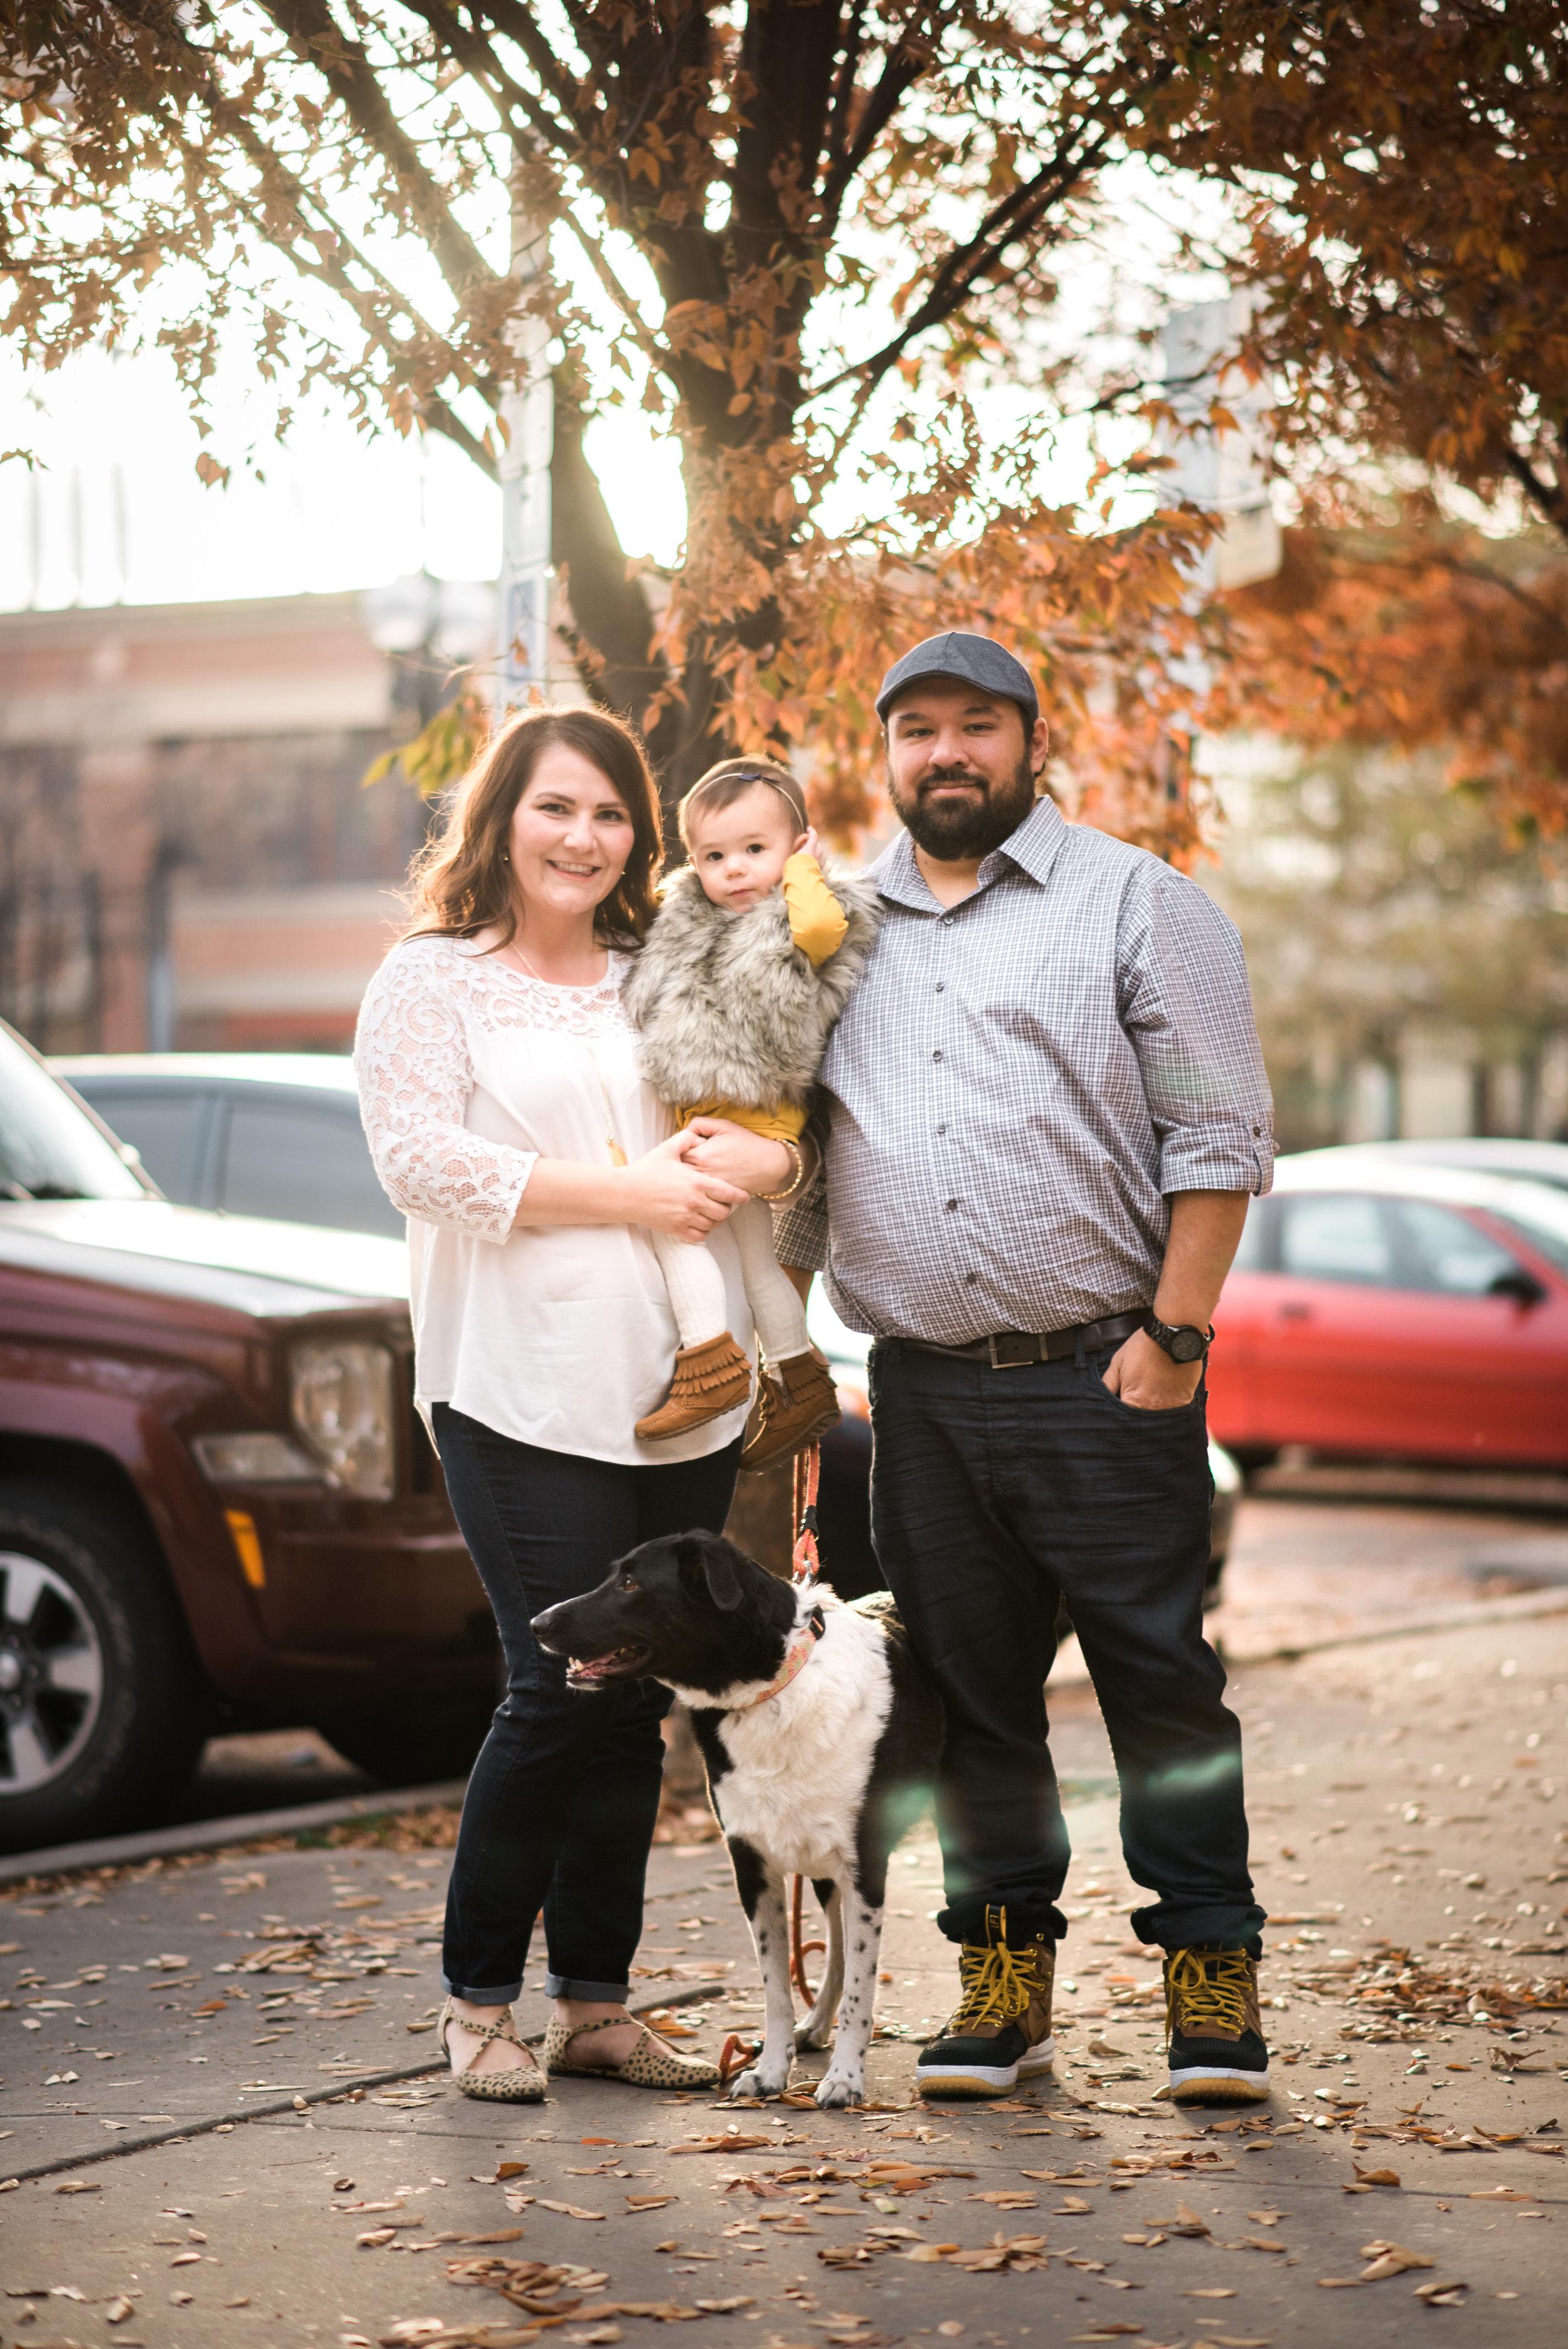 Godina Family Photos 11.12.16-3.jpg